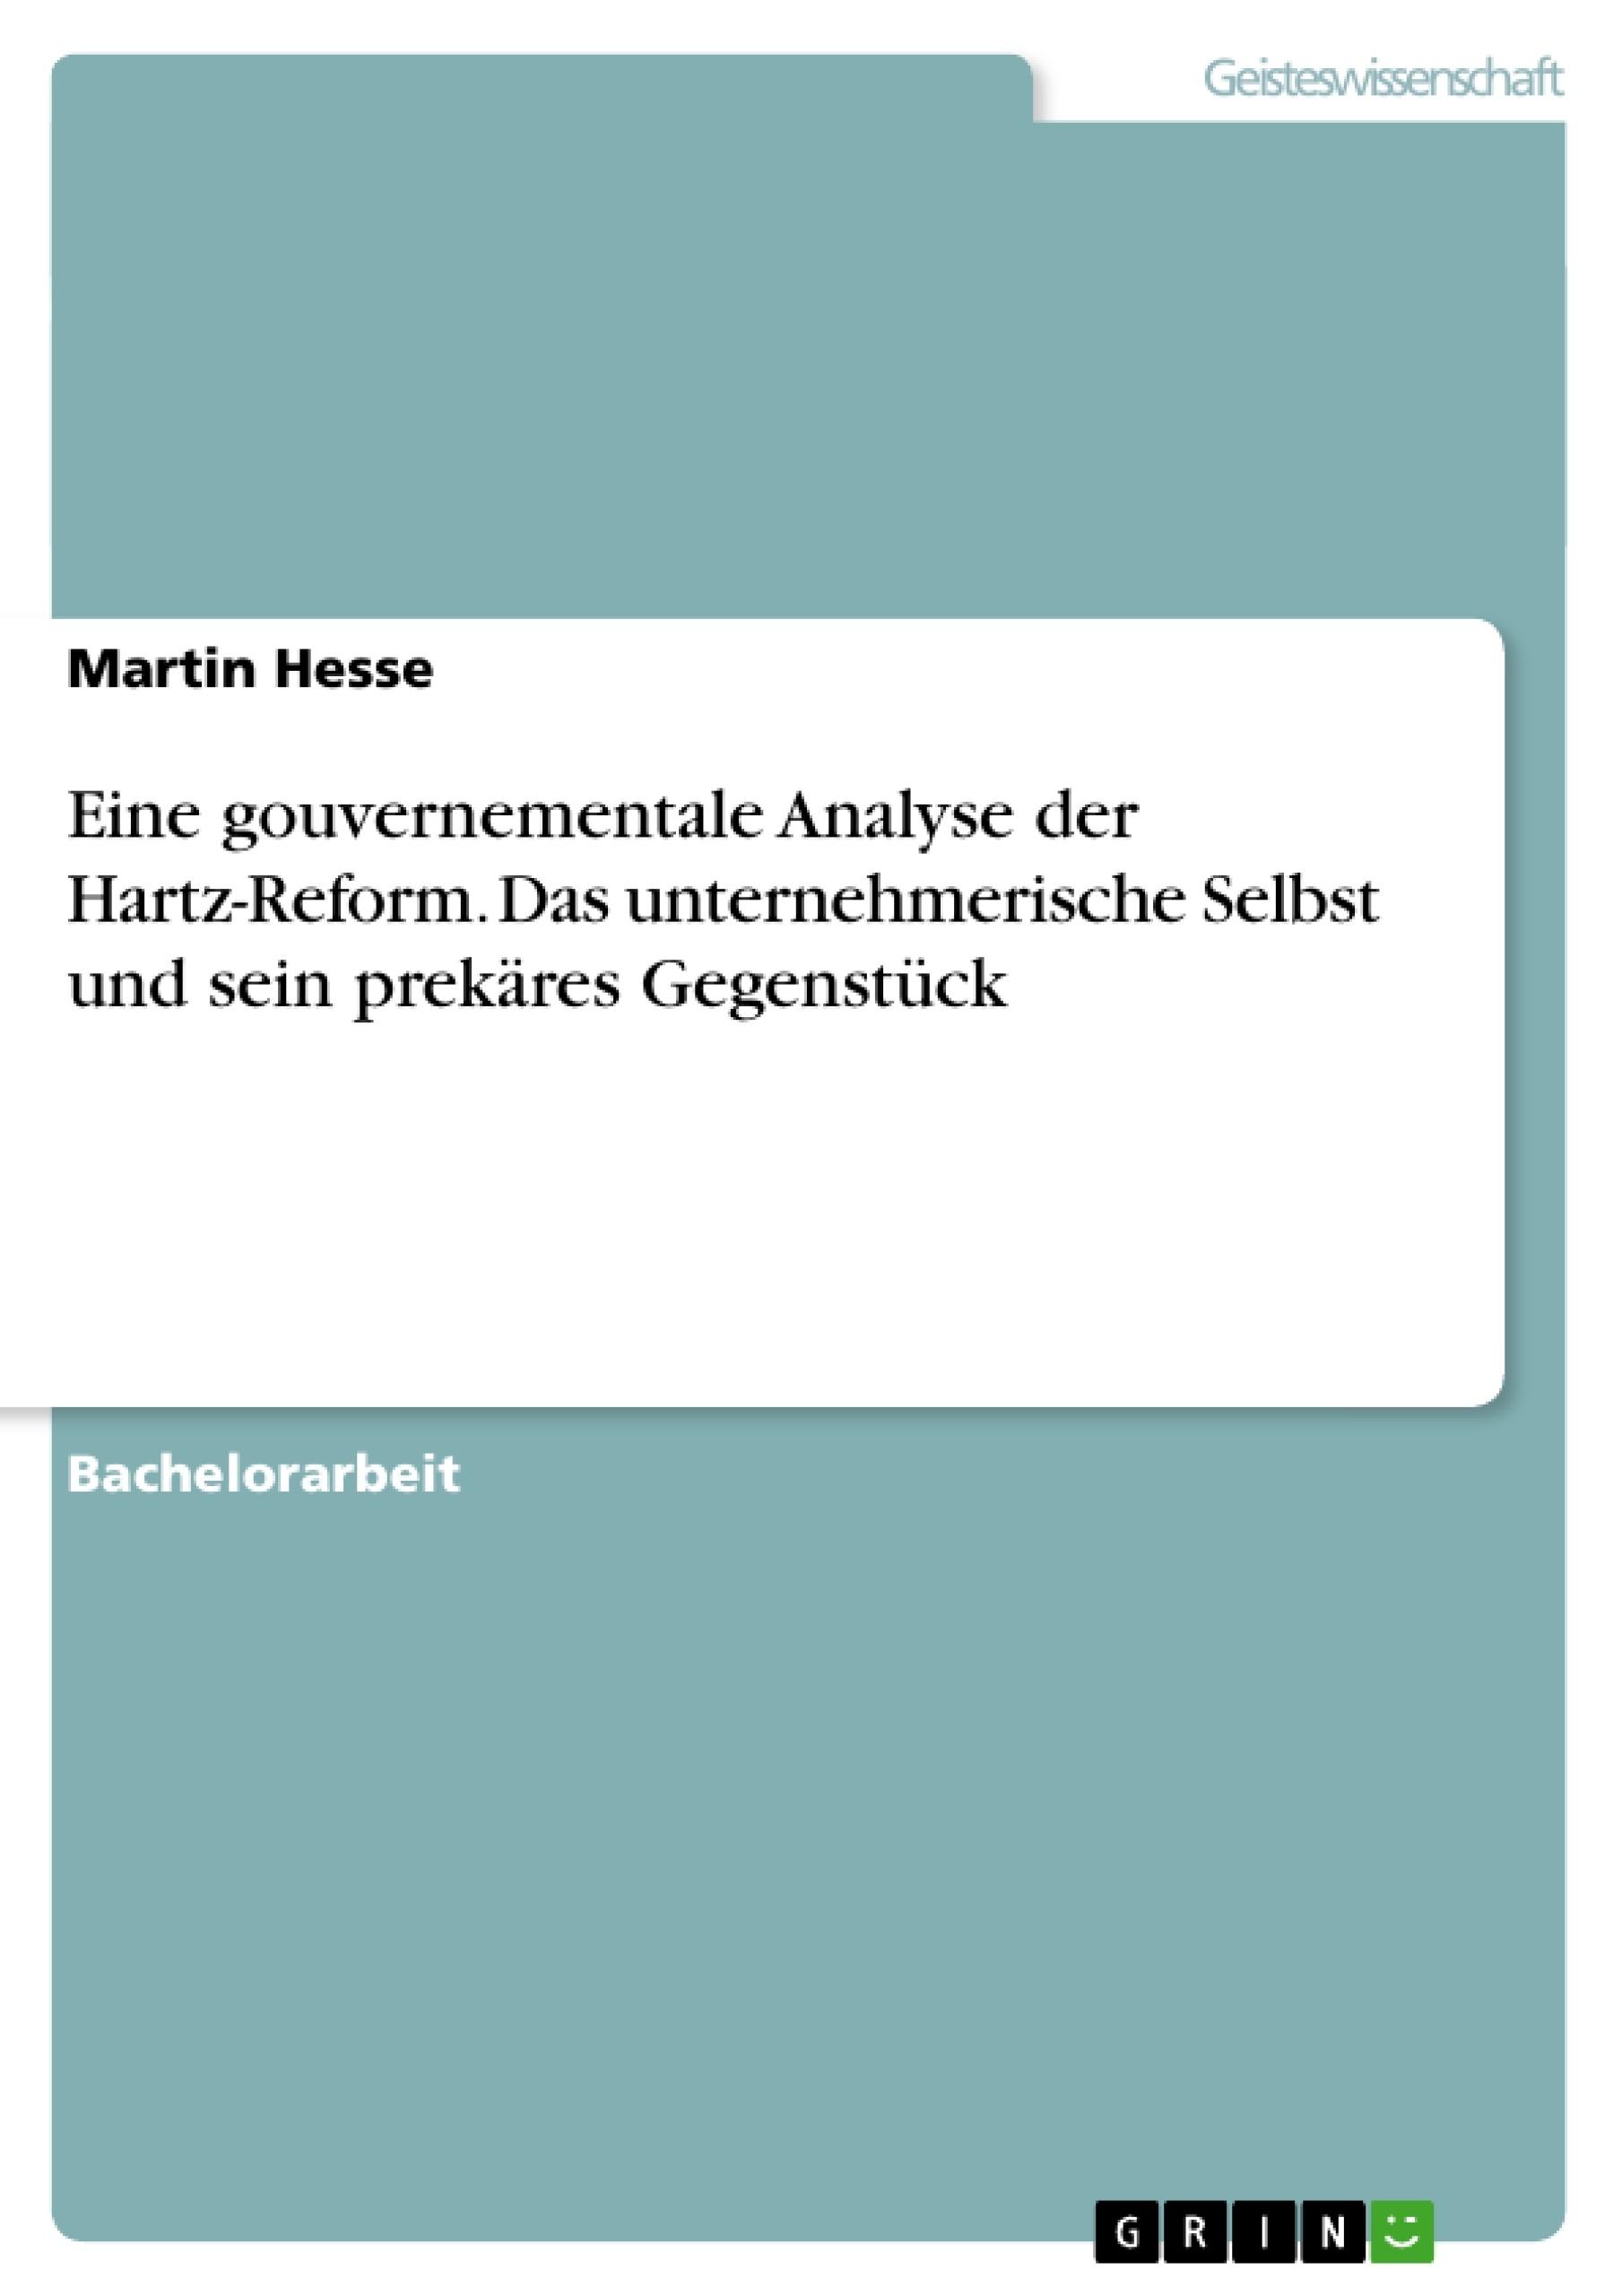 Titel: Eine gouvernementale Analyse der Hartz-Reform. Das unternehmerische Selbst und sein prekäres Gegenstück